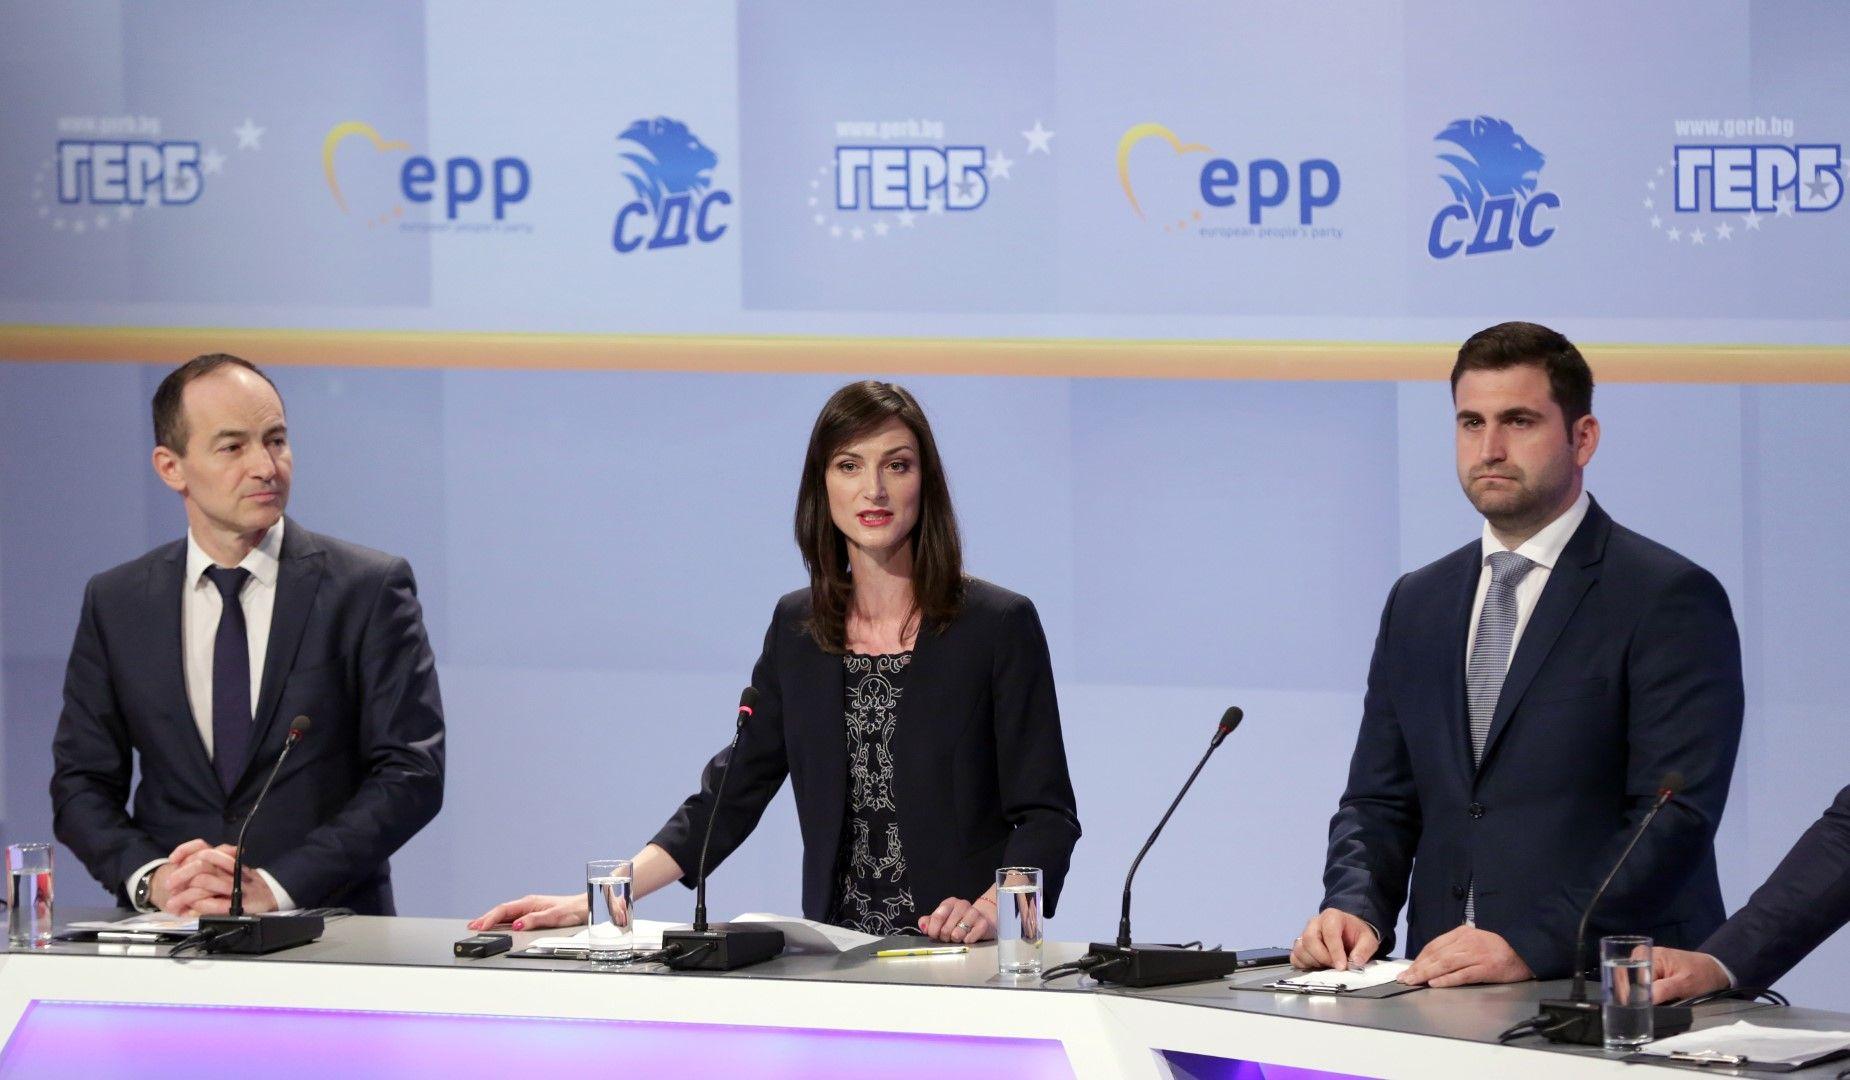 Андрей Ковачев, Мария Габриел, Андрей Новаков и другите кандидати за евродепутати разкриха приоритетите от платформата по сектори